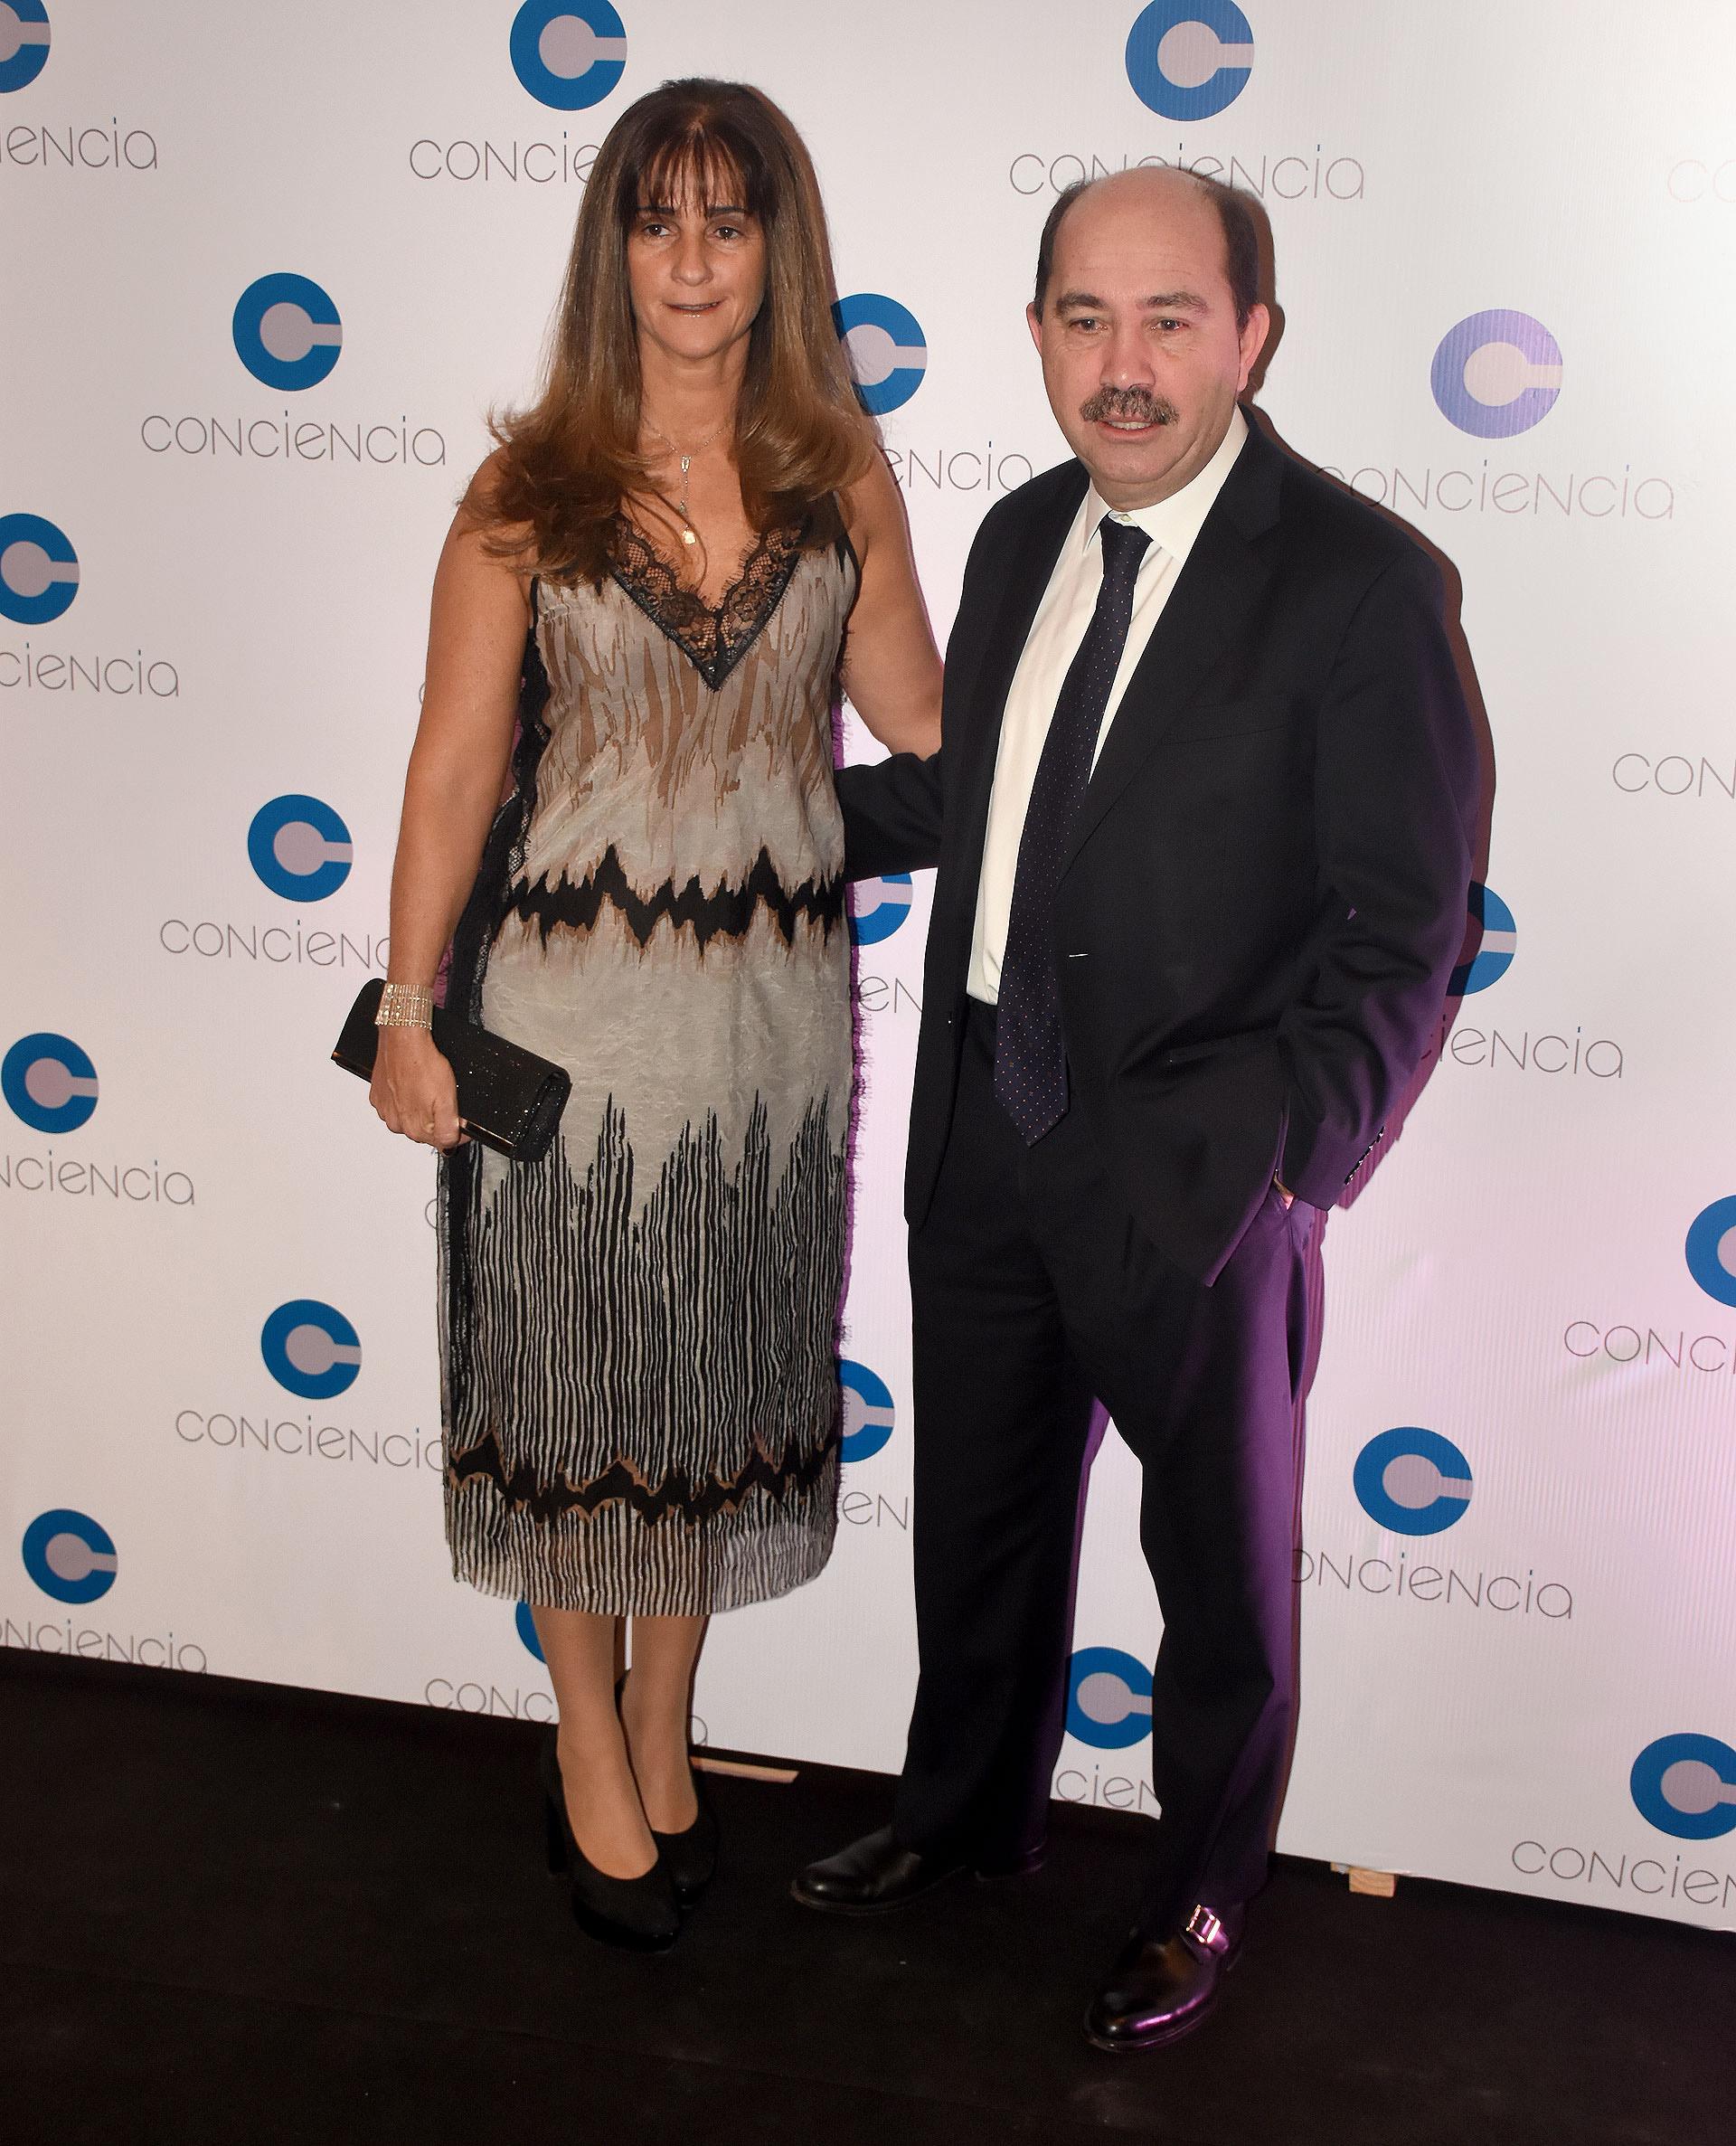 El presidente del Banco Ciudad, Javier Ortiz Batalla, y su esposa Carla